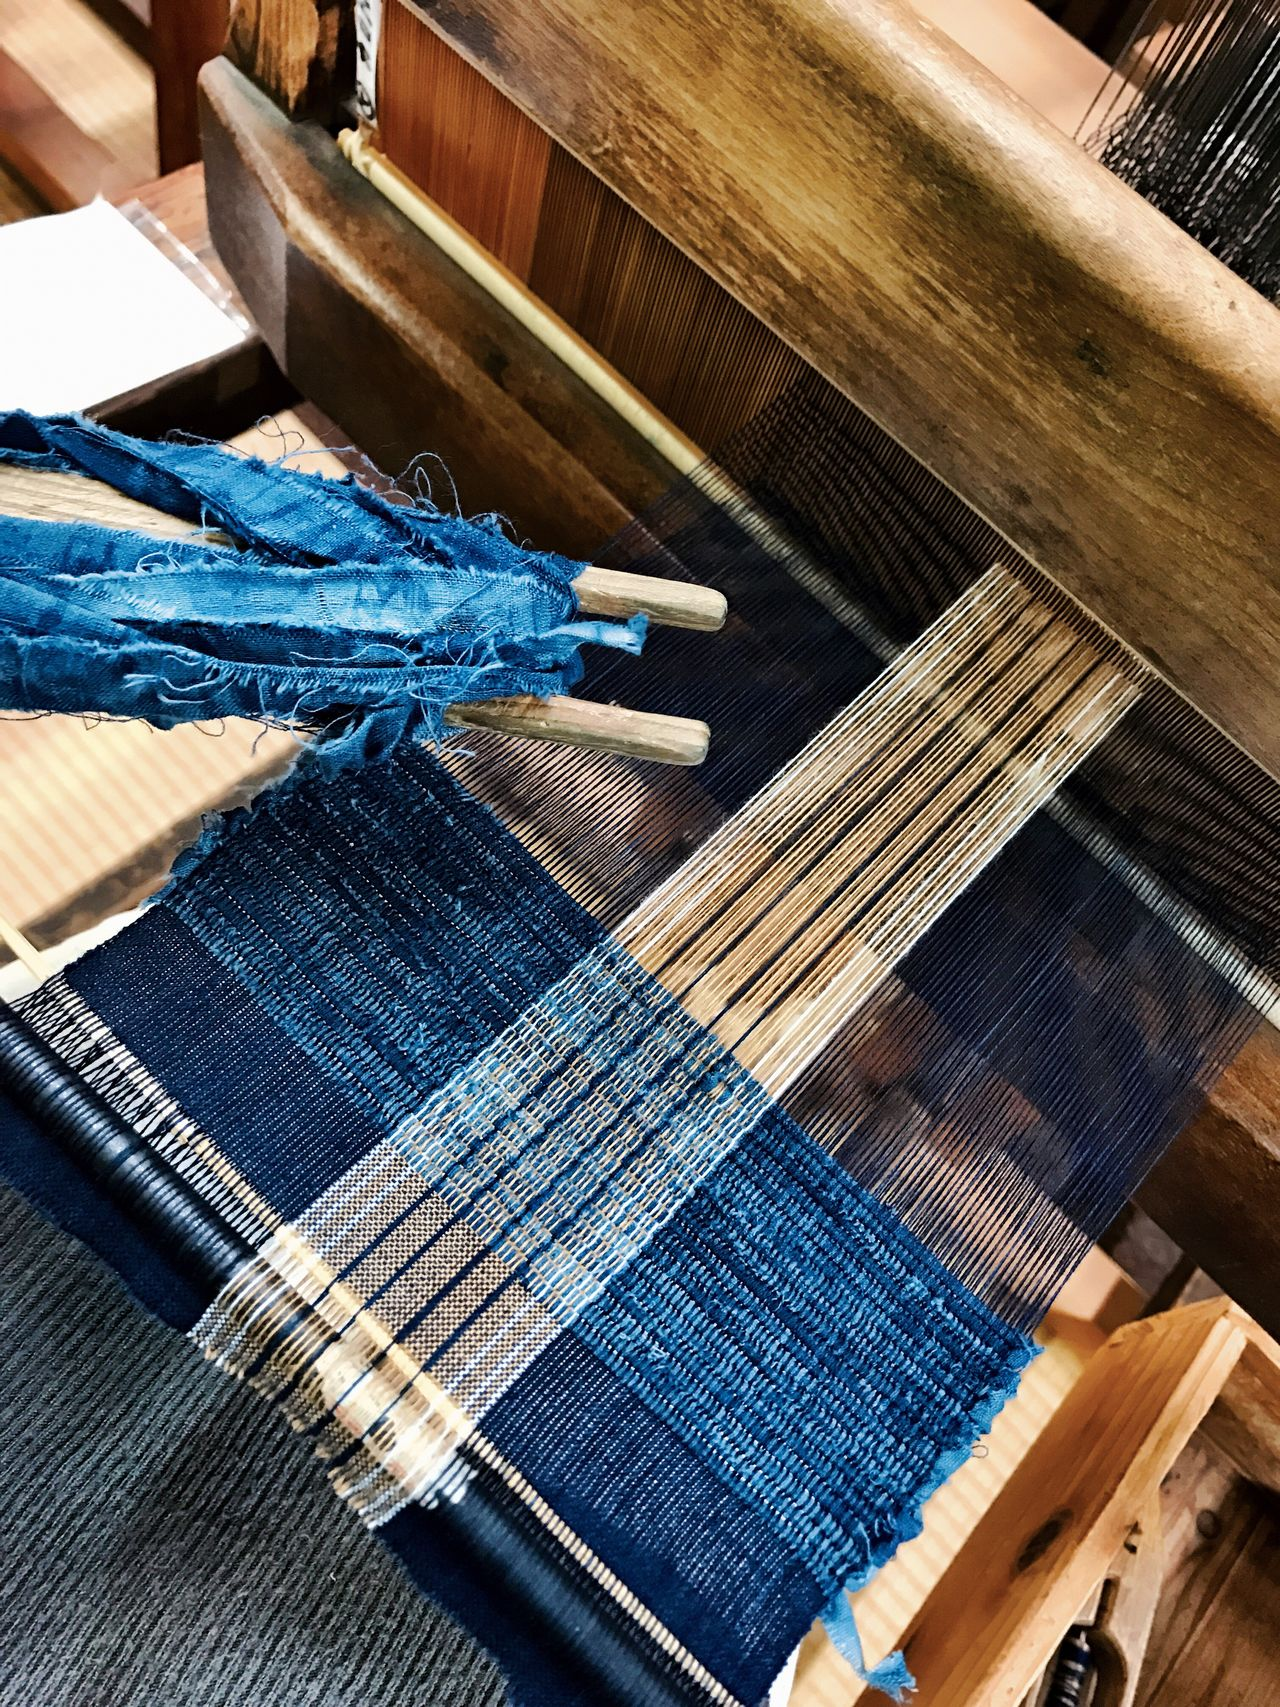 機織り 機織機 機織 日本 Japan Aichi 知多木綿 Weaving Experience Weaving